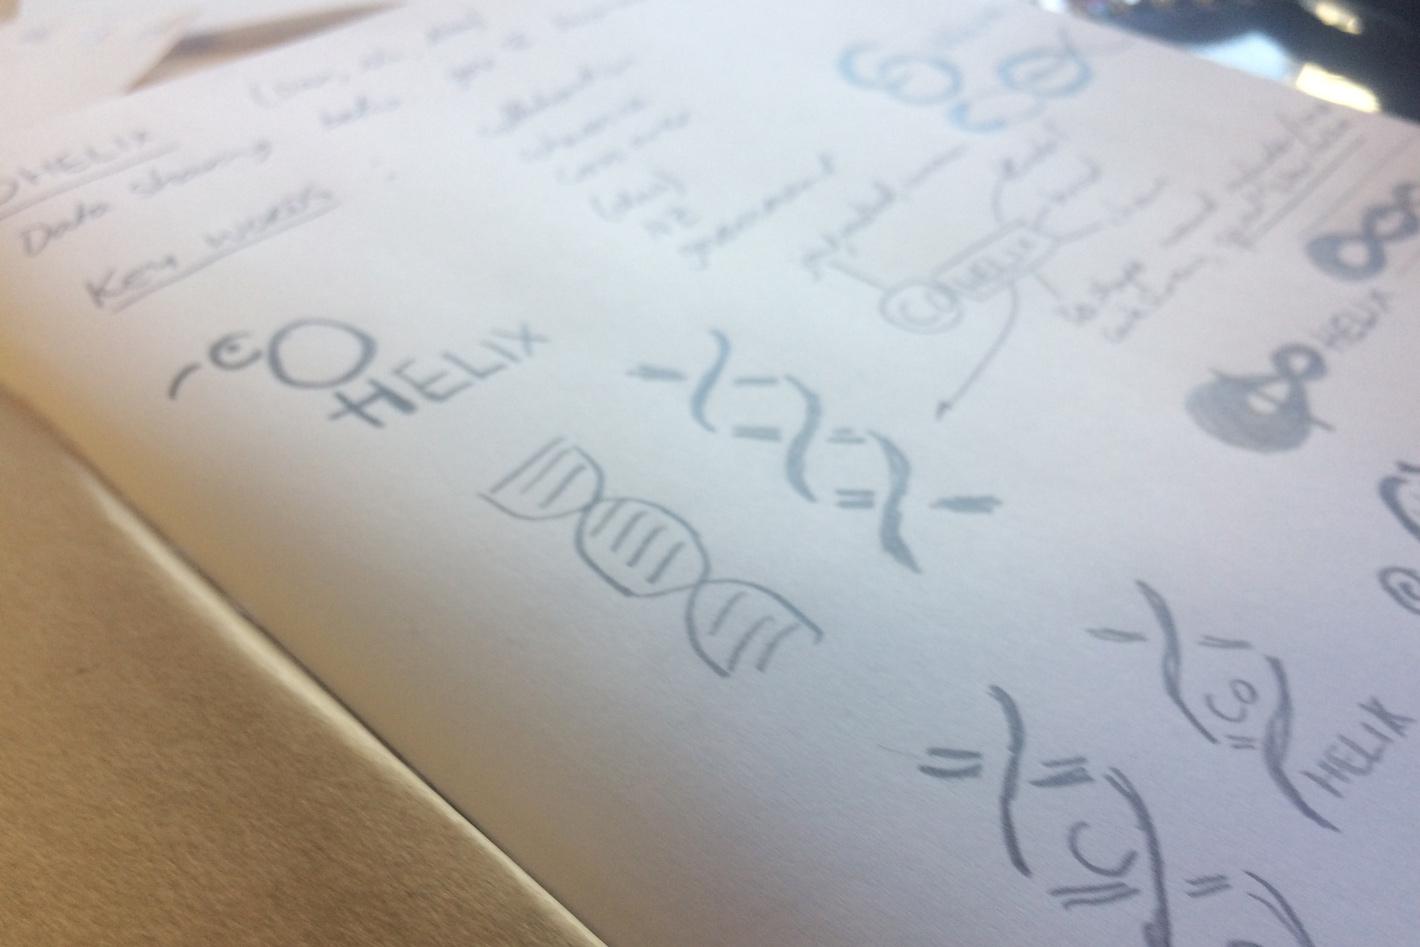 Cohelix sketches-01